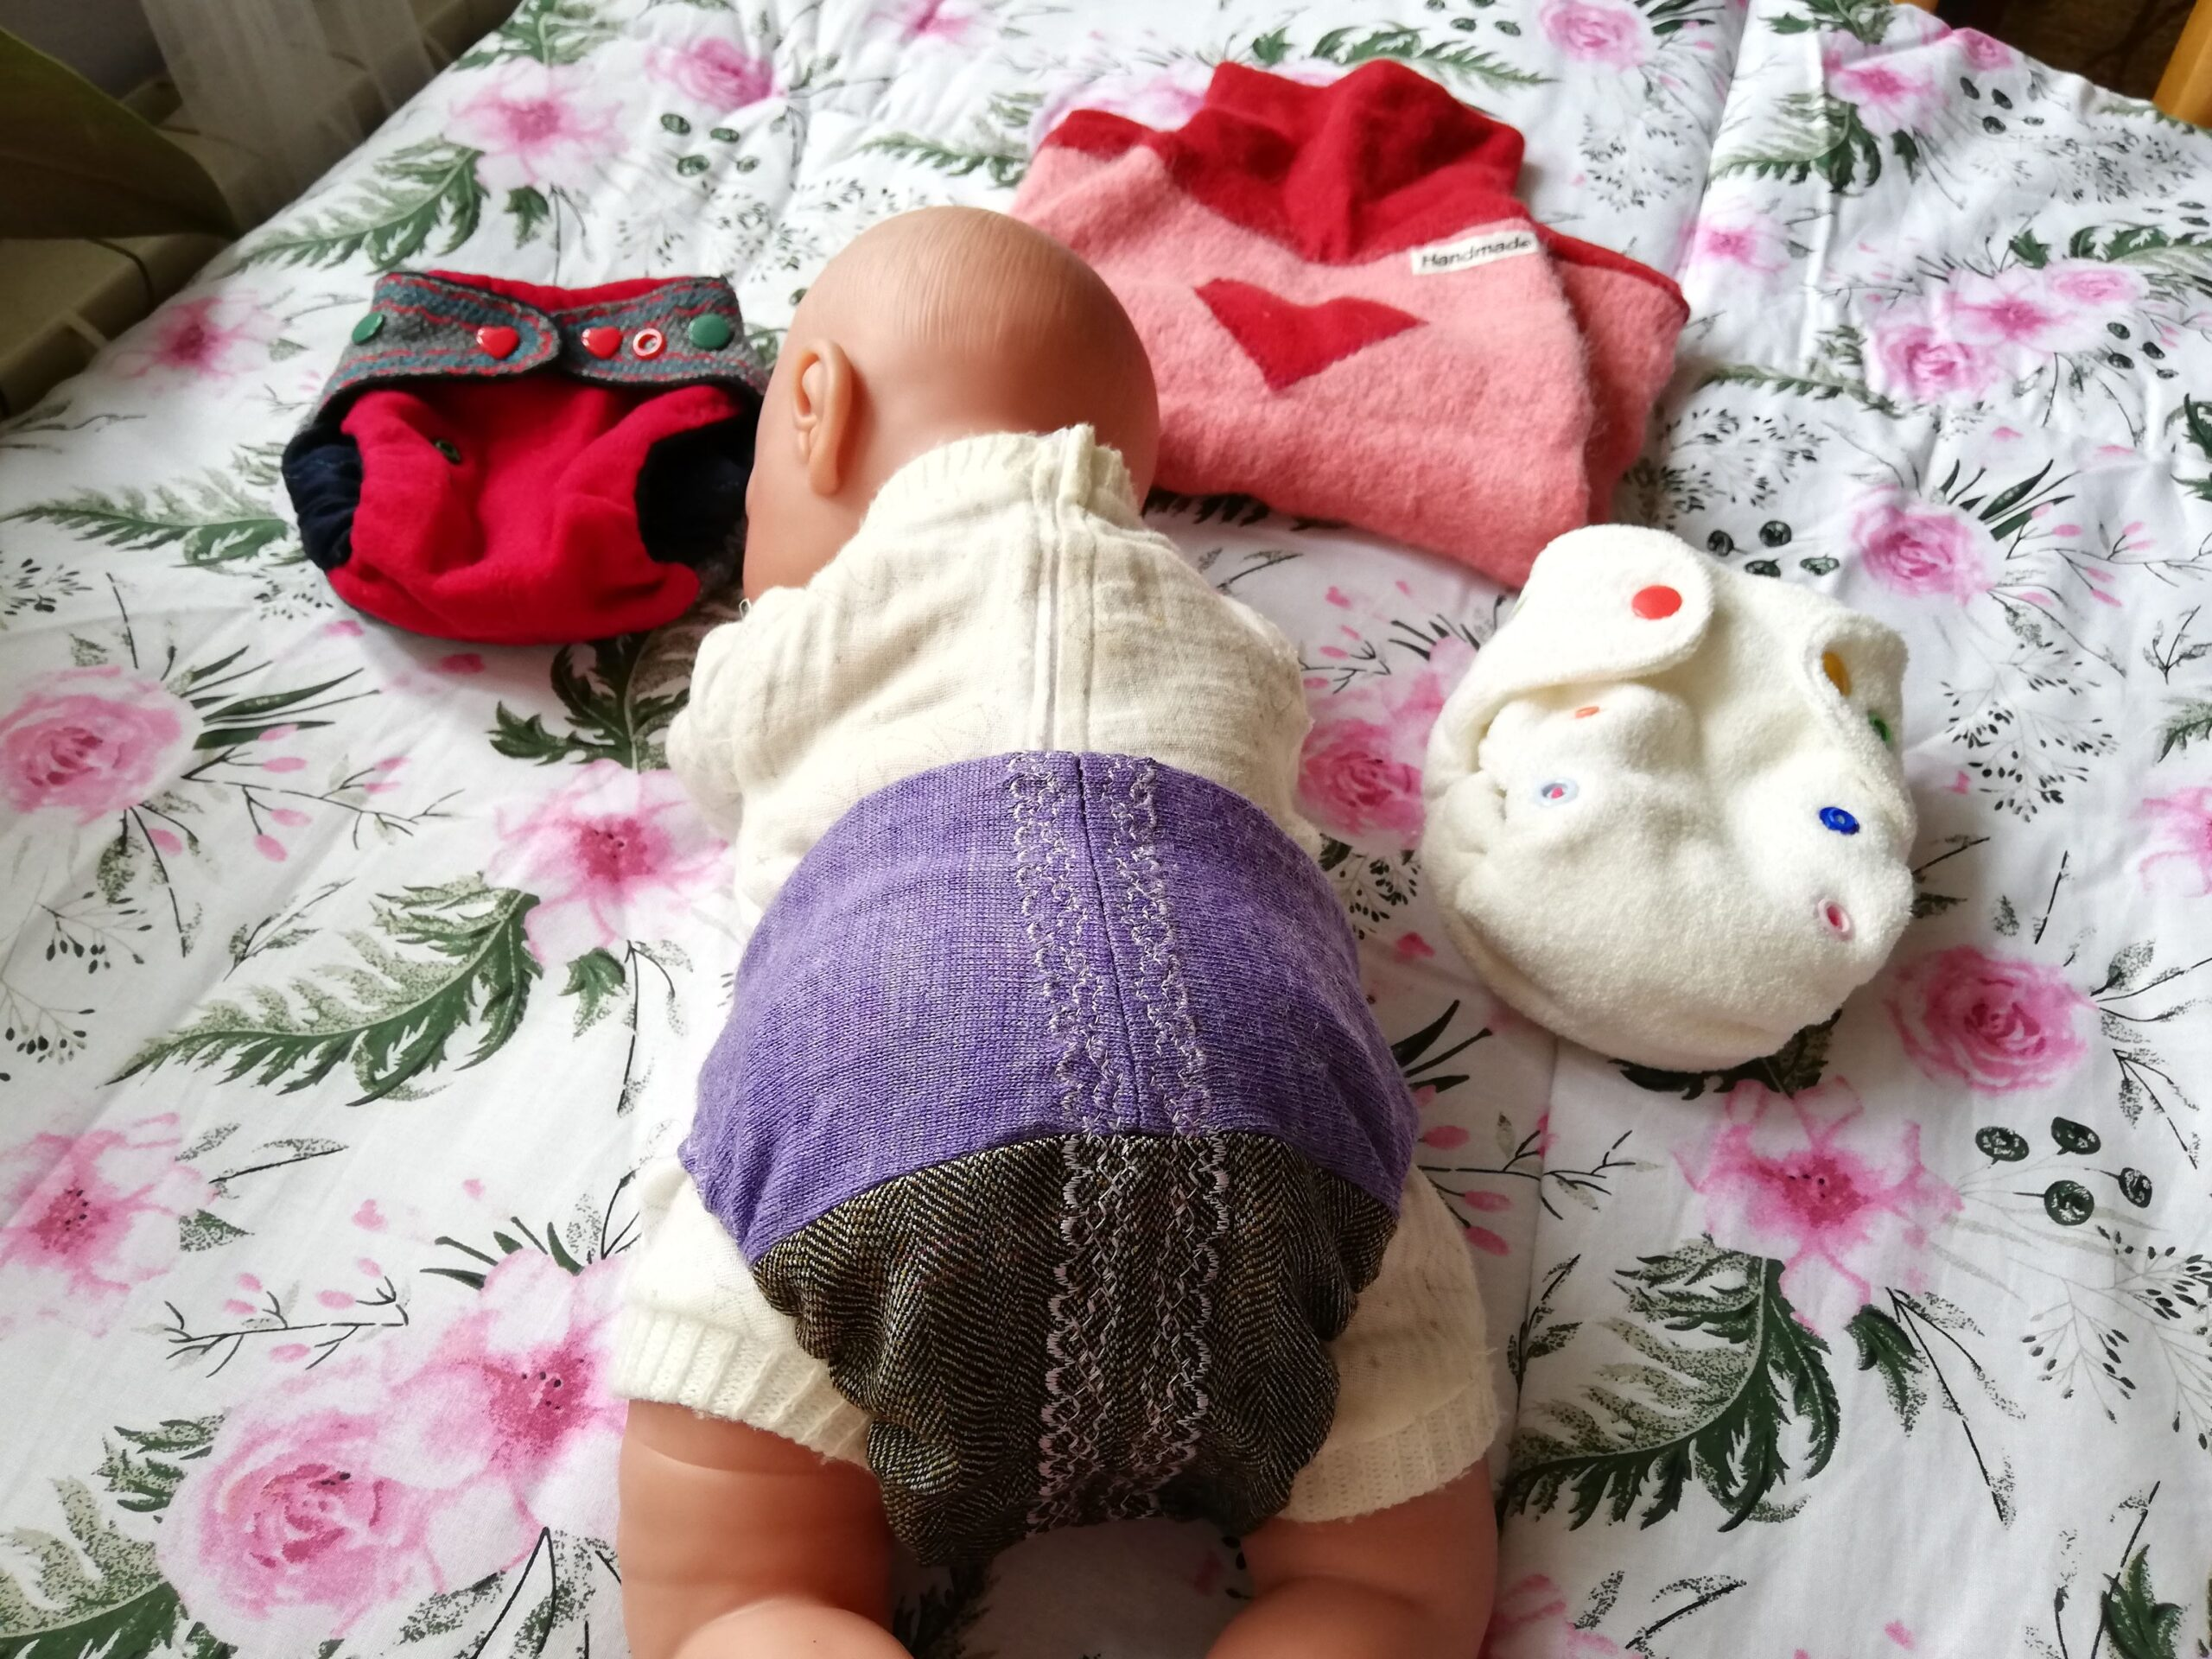 wielopieluchowanie noworodka